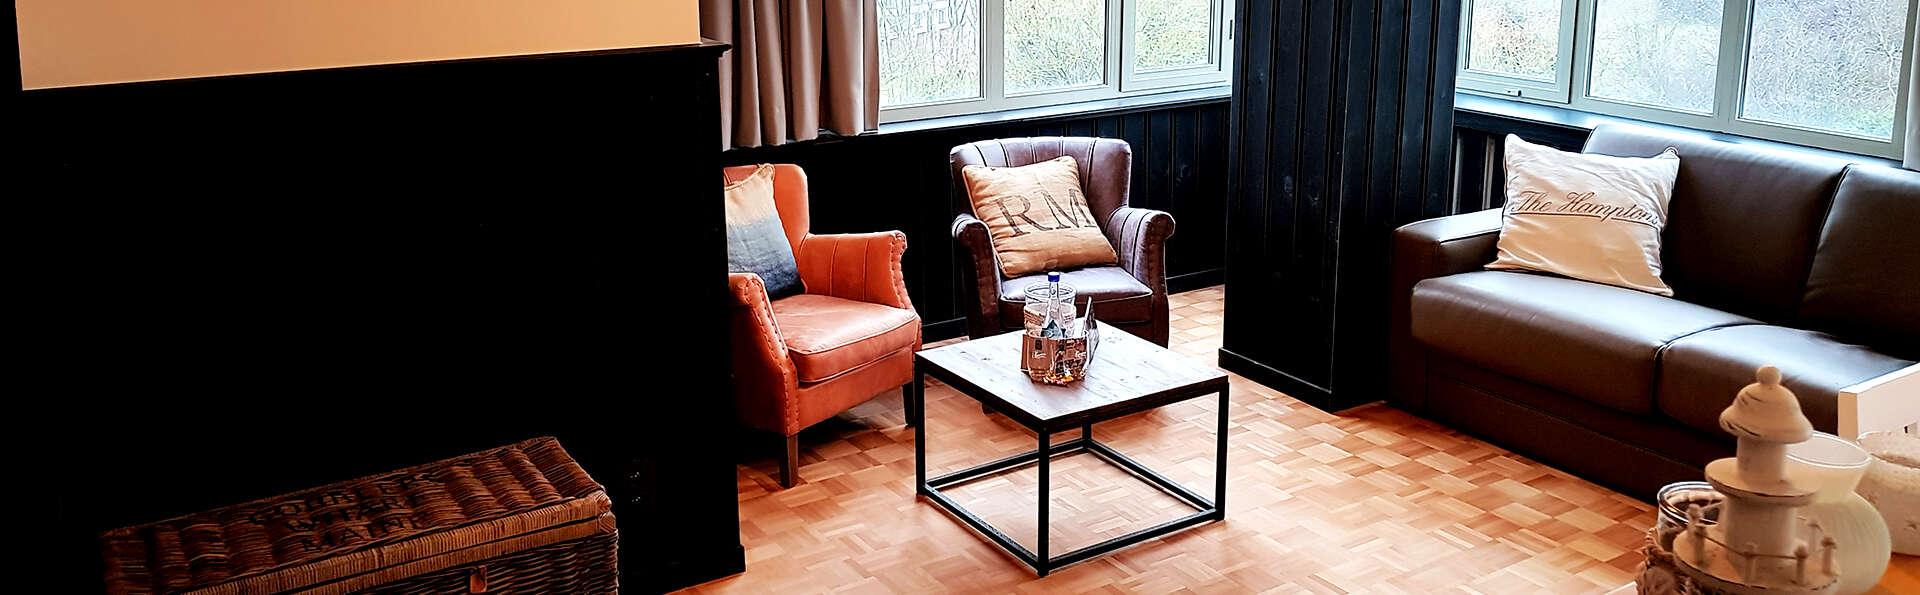 Overnachting in stijlvol en luxe suite in Westende (vanaf 2 nachten)